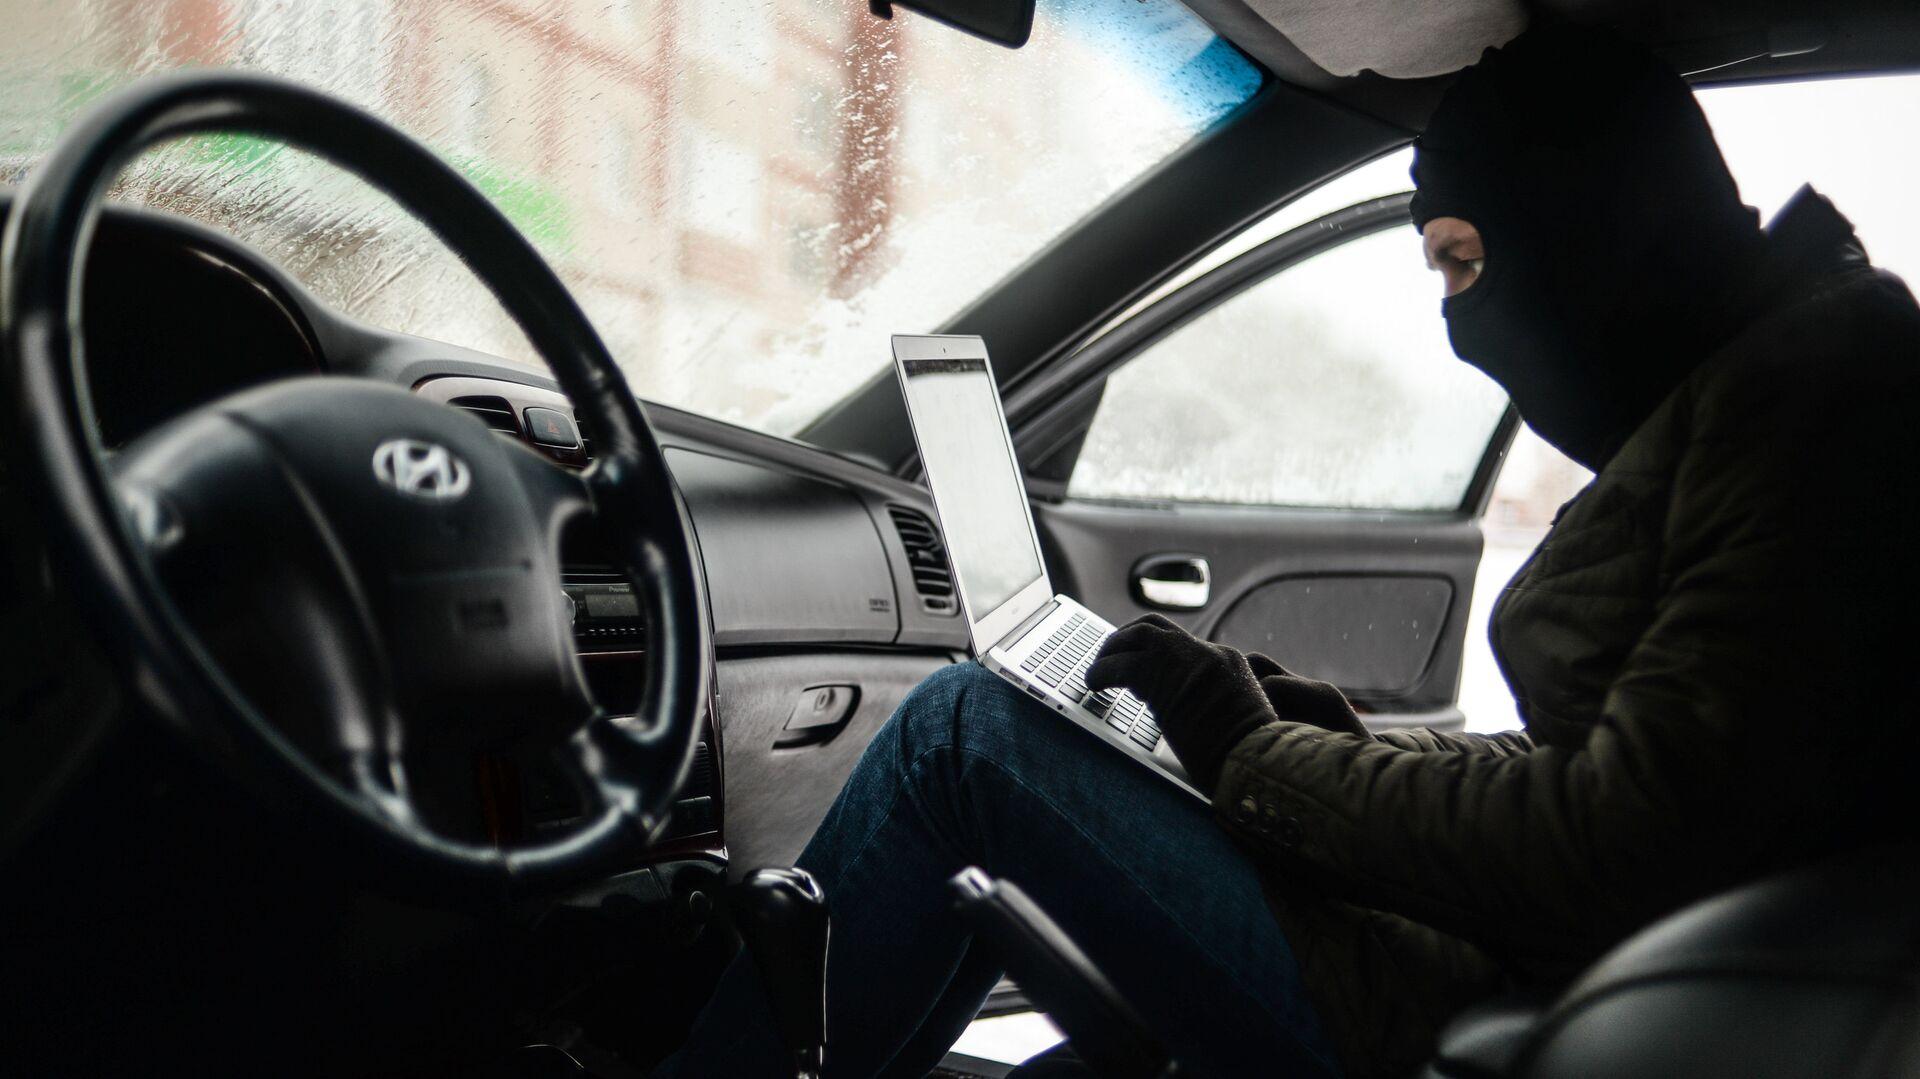 Мужчина имитирует вскрытие автомобиля и его угон - РИА Новости, 1920, 21.04.2021